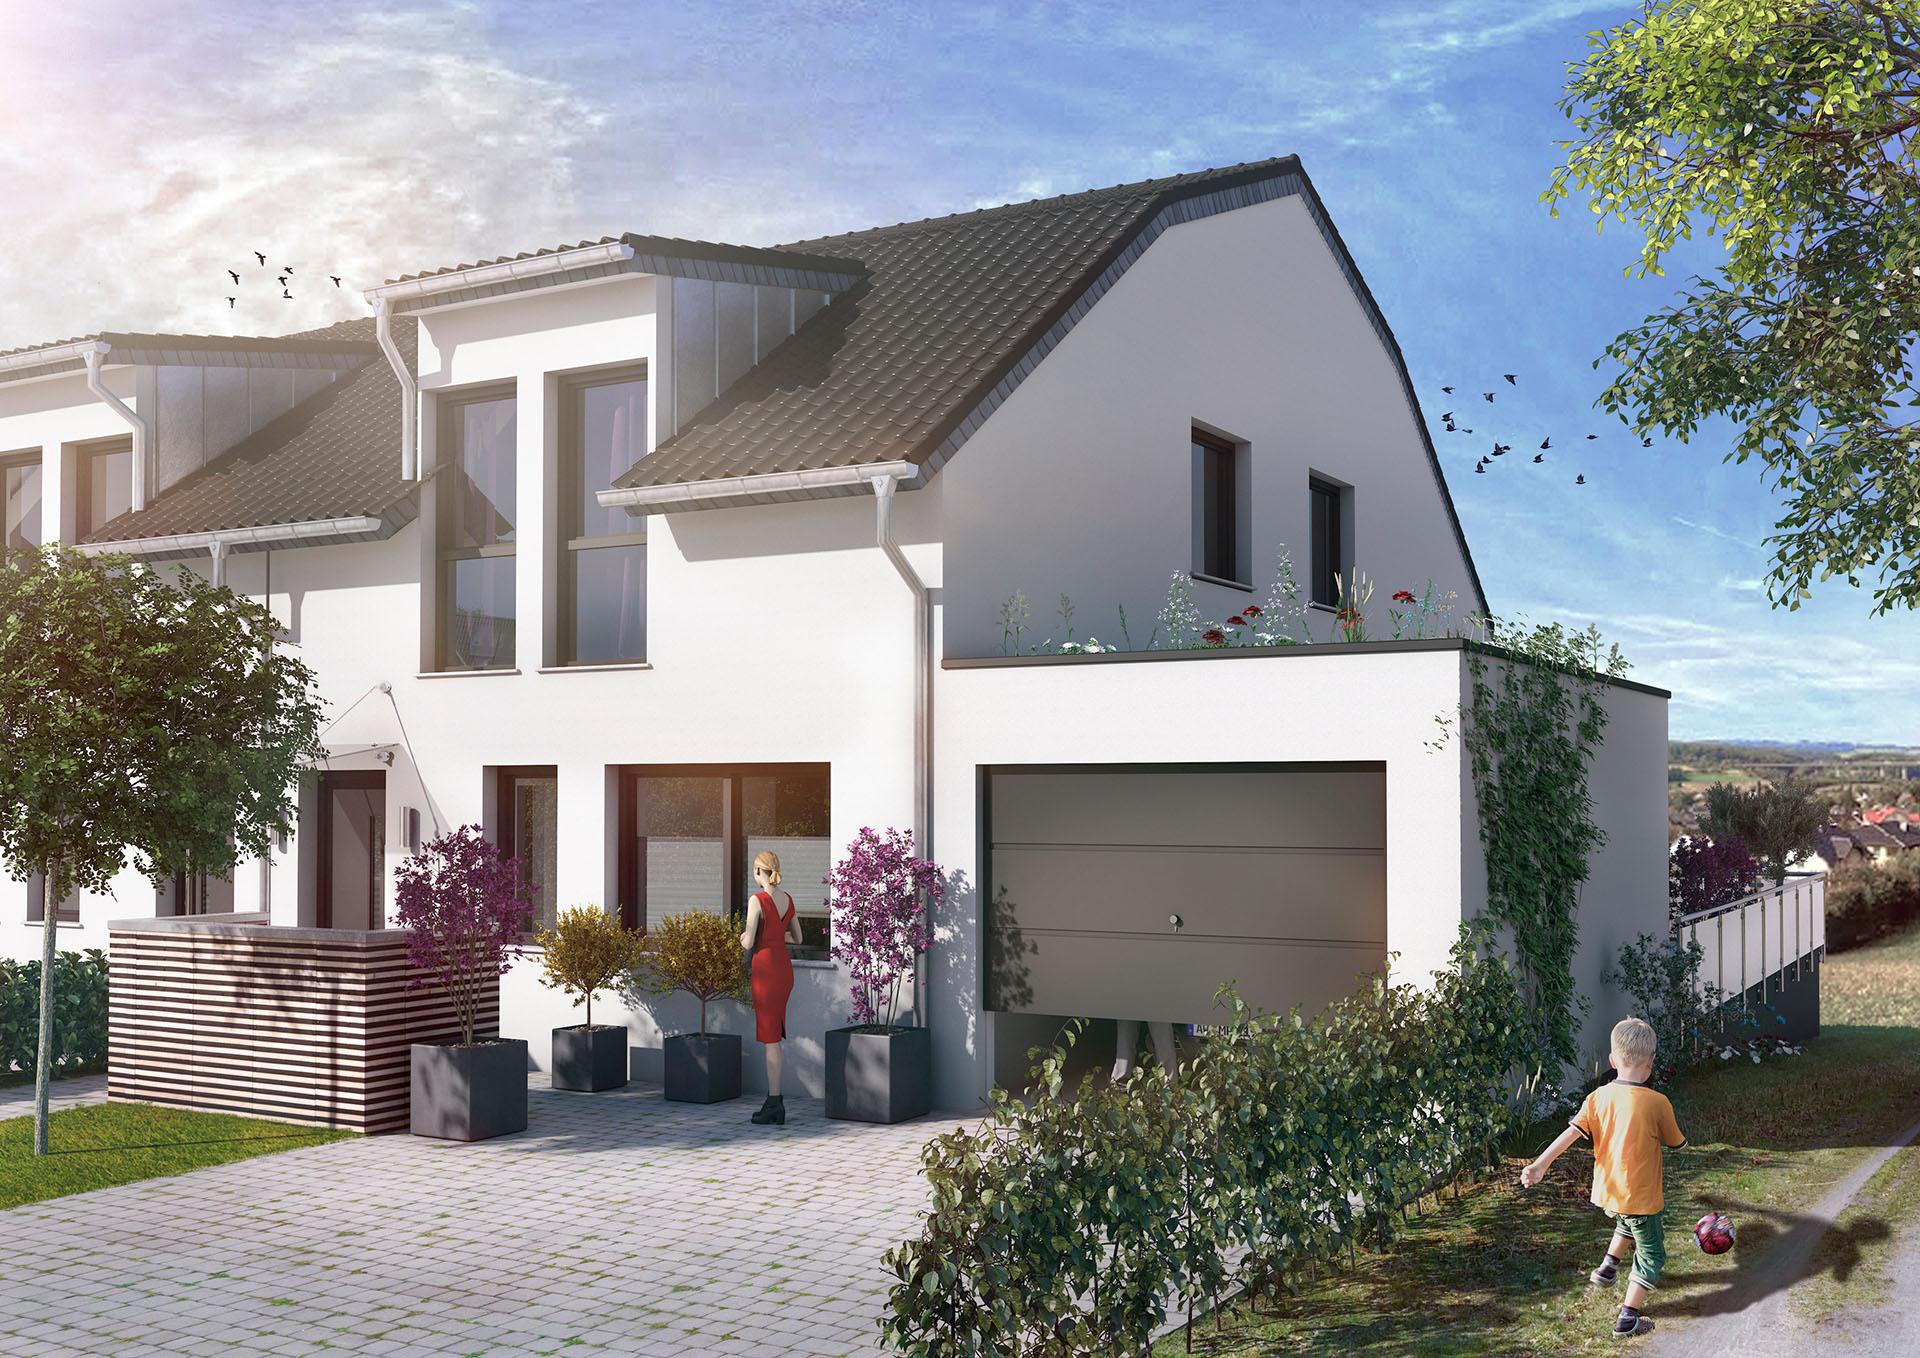 Ein Foto von einem Haus